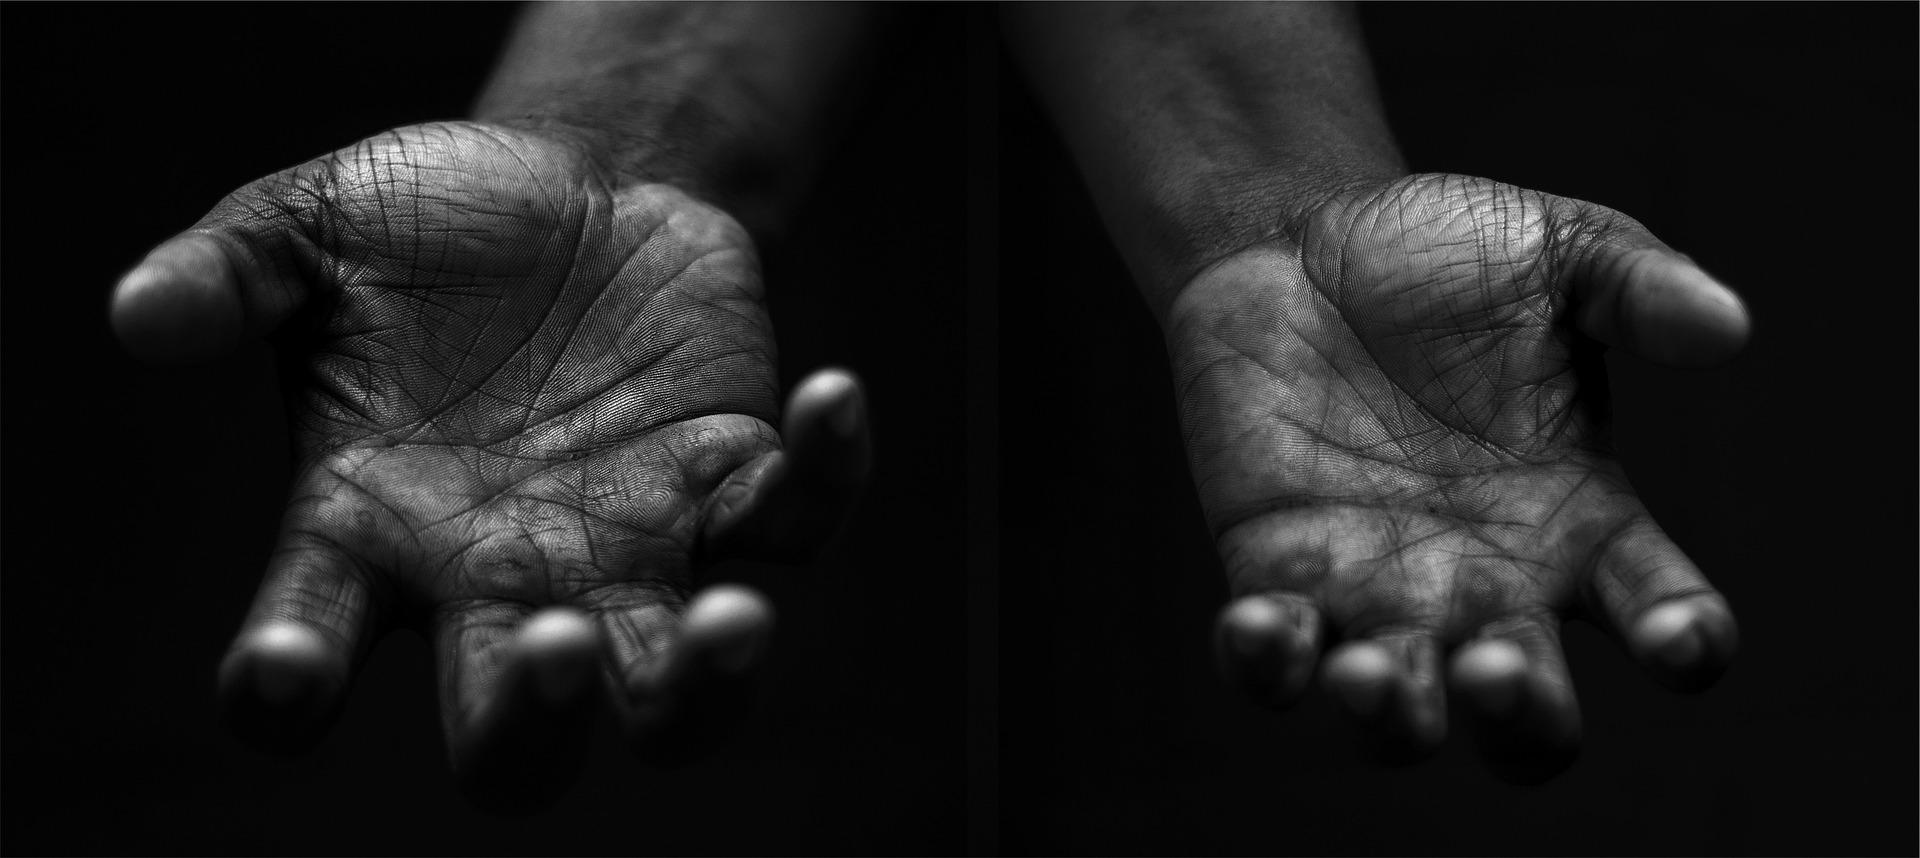 hands-698561_1920.jpg